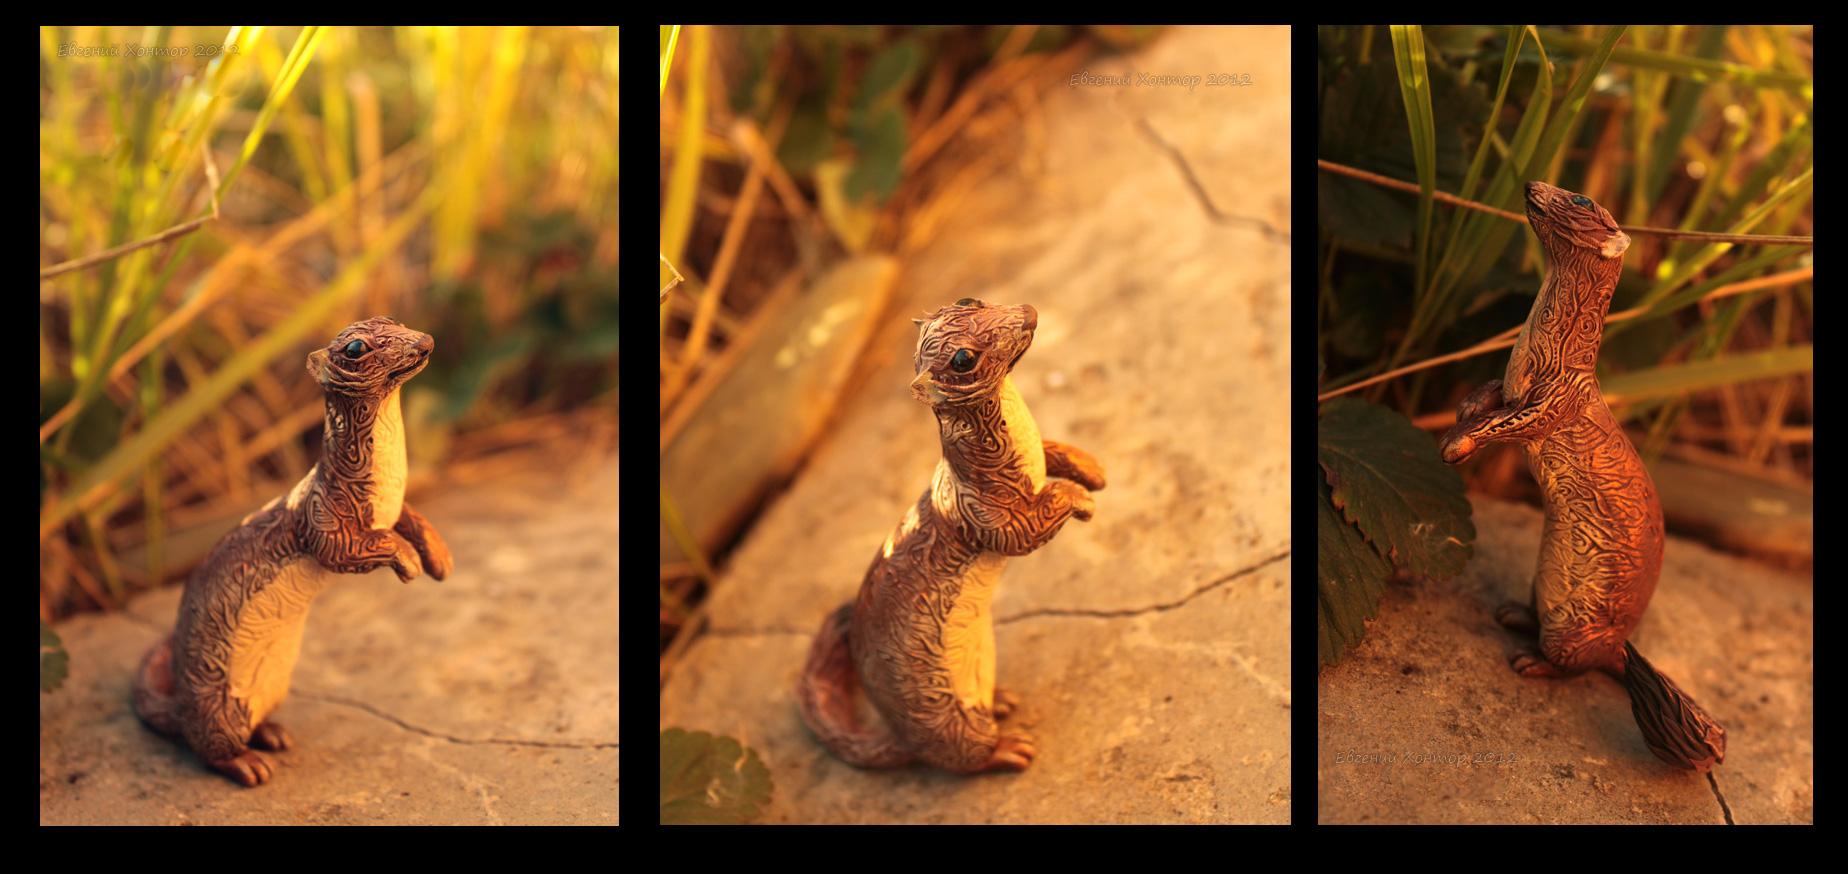 Weasel II by hontor